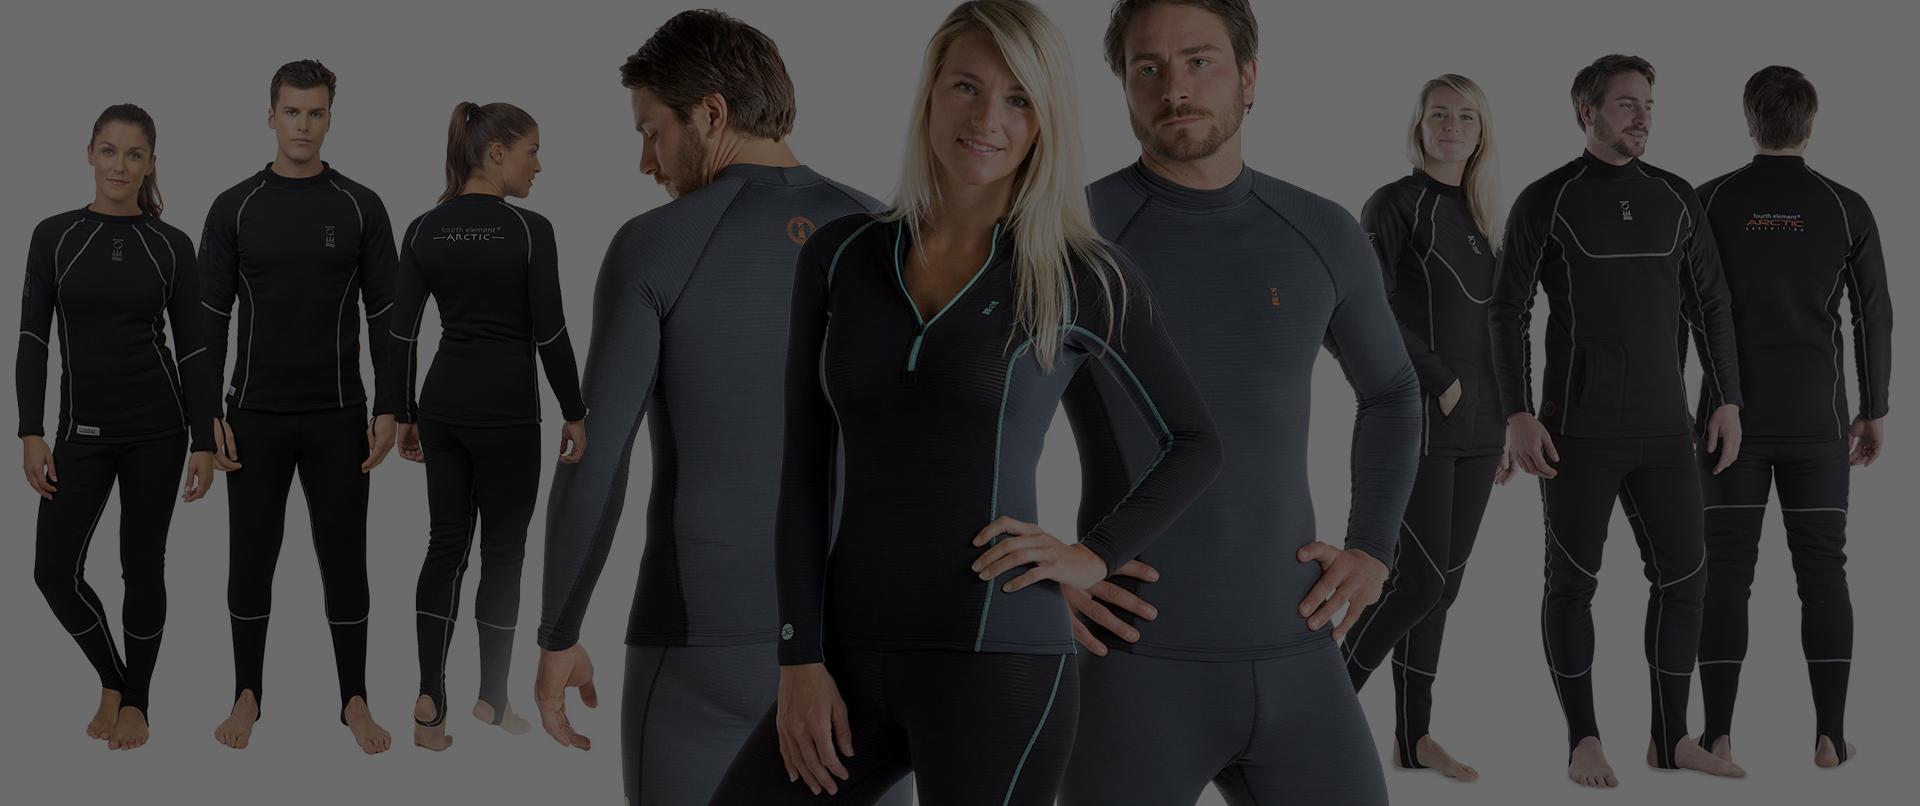 Episode #9: Onderkleding voor droogpakken • Dive-Expo • De perfecte flitsbelichting